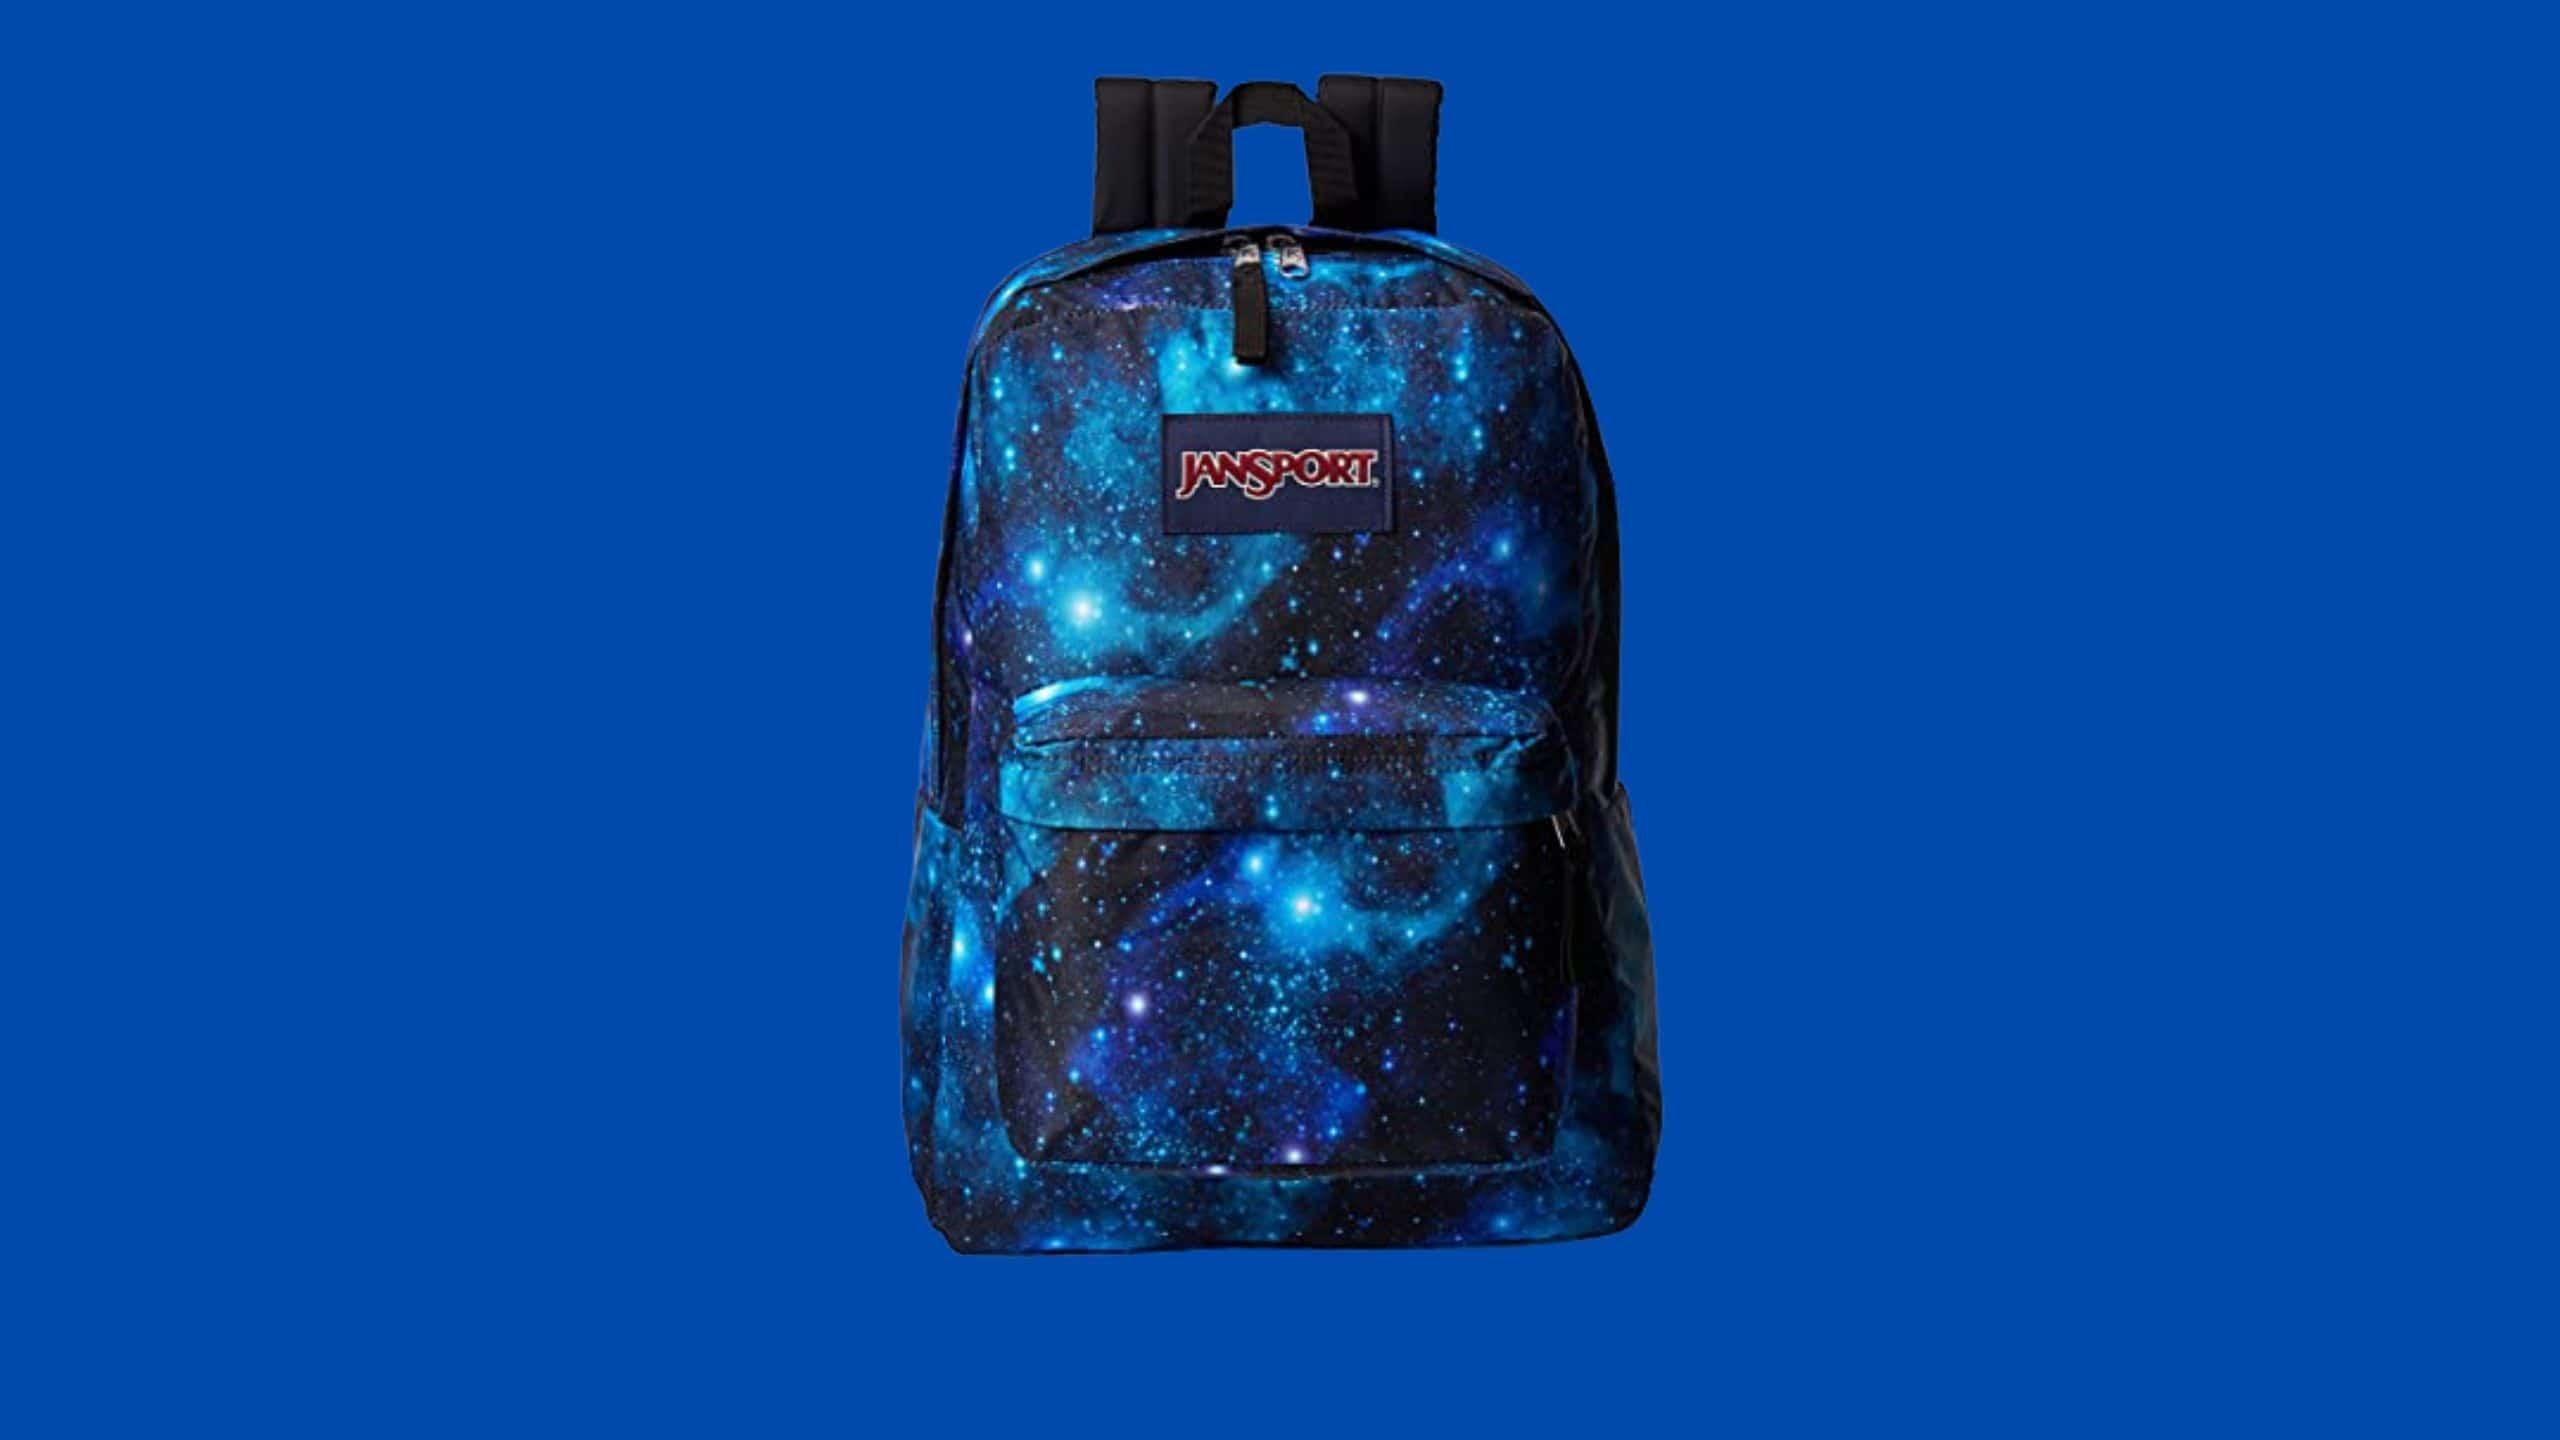 SuperBreak One Backpack by JanSport